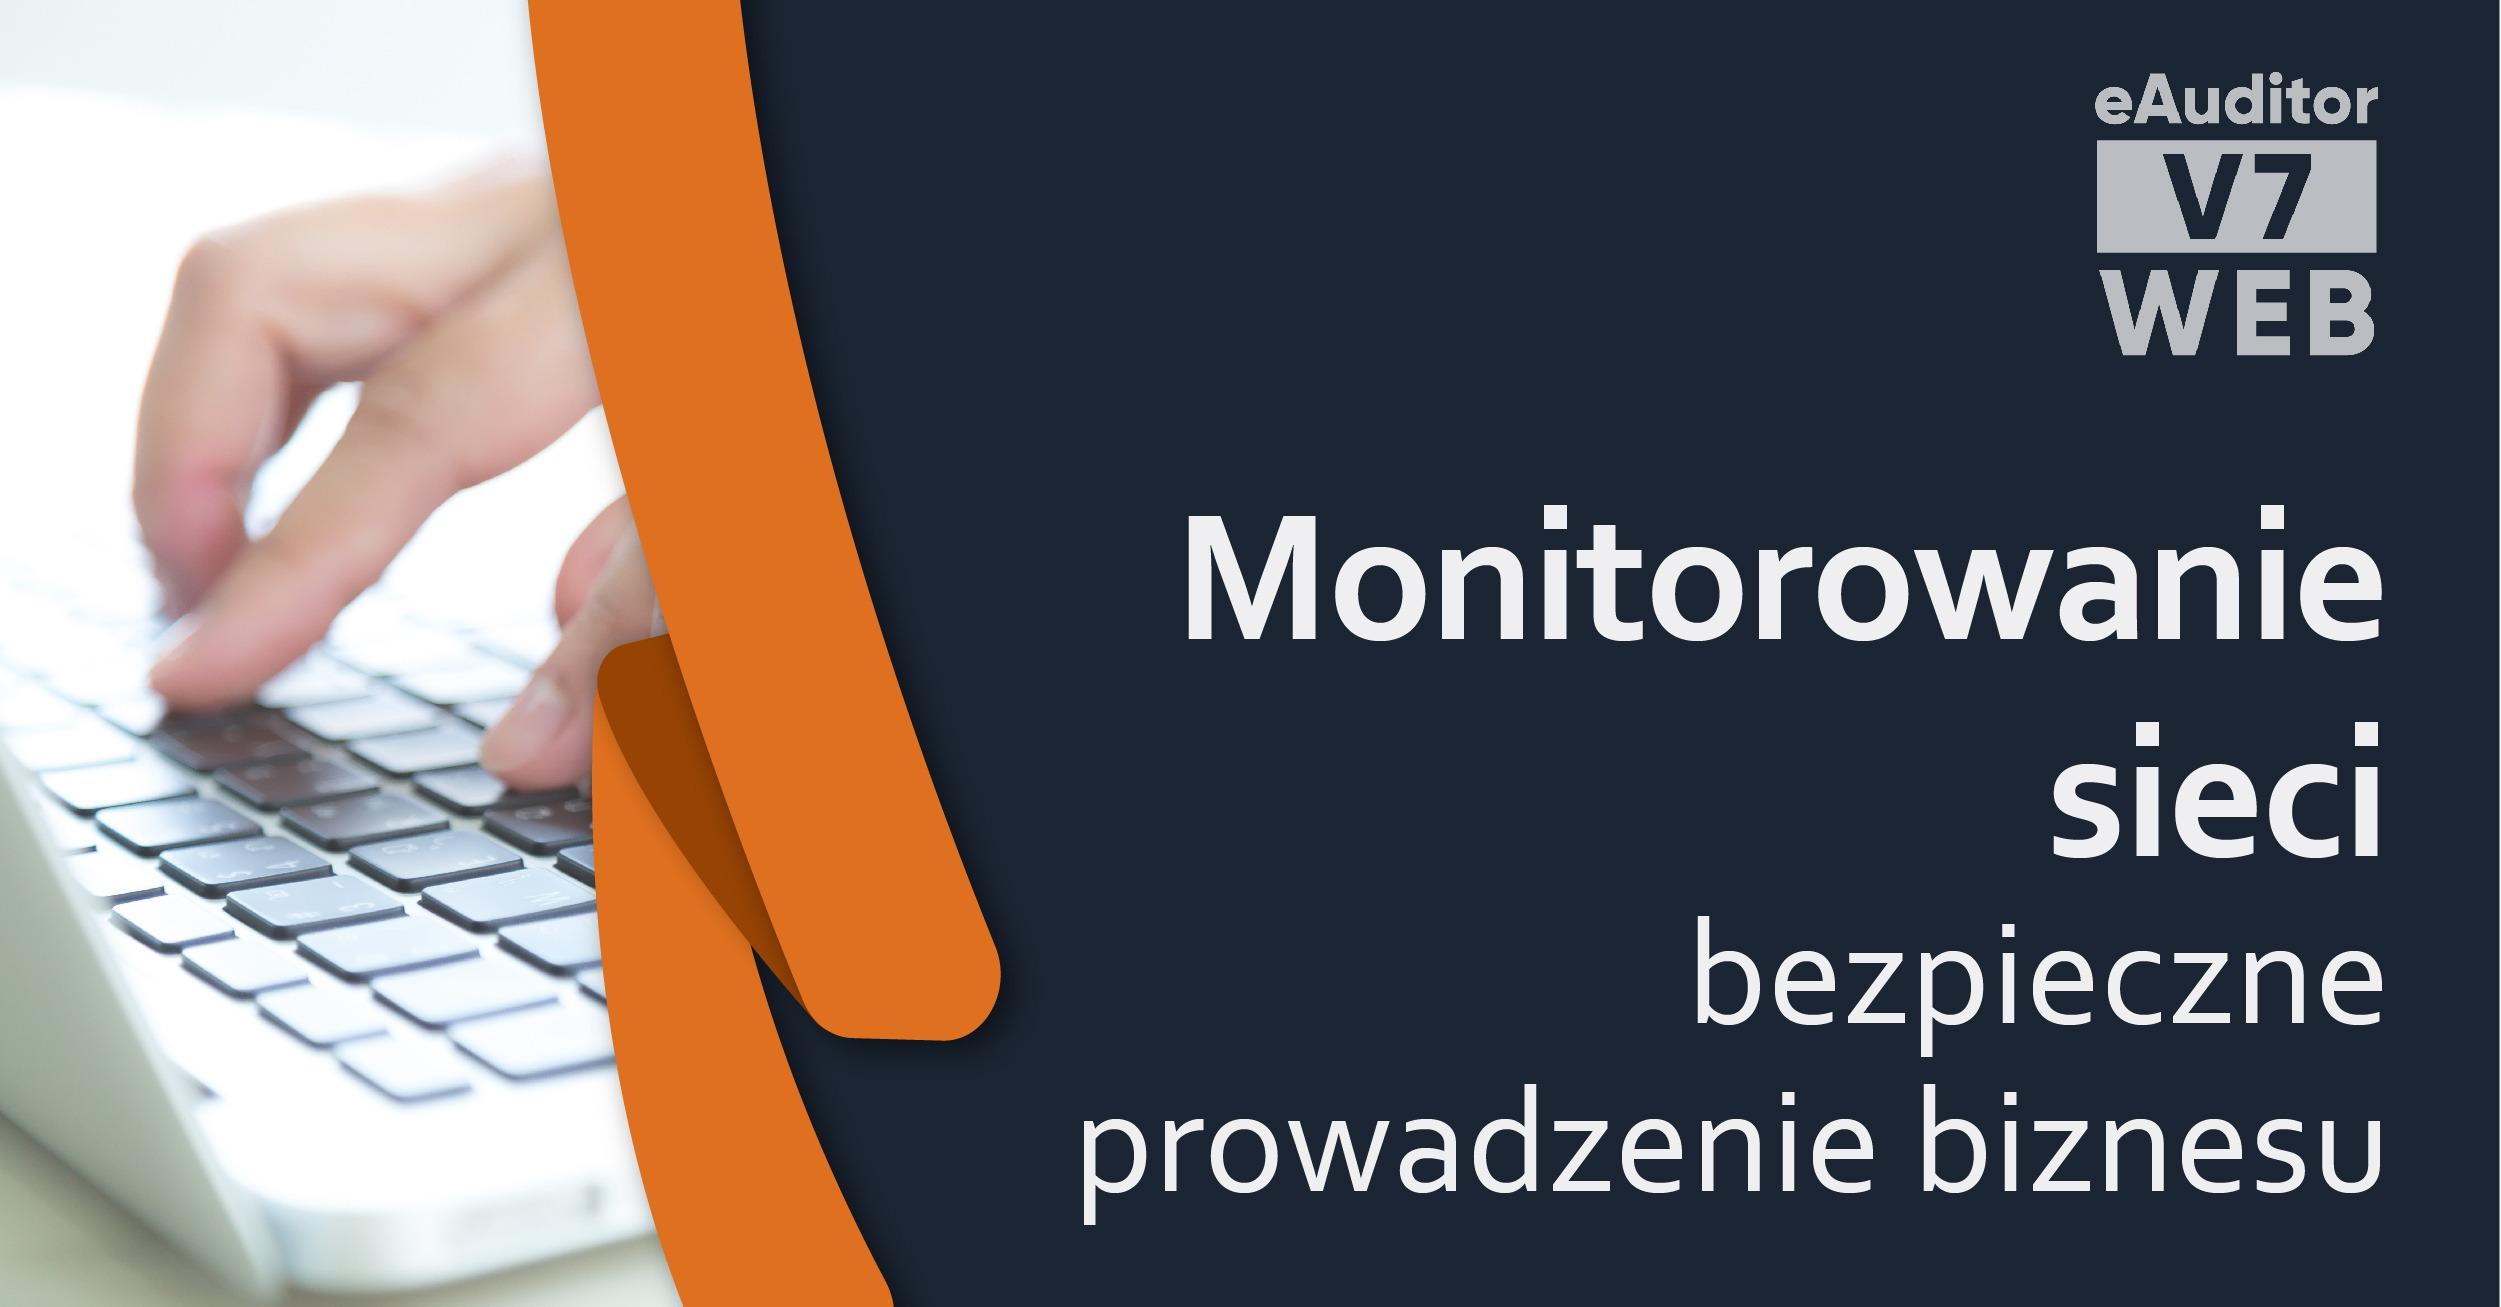 eAuditor Monitorowanie sieci IT – bezpieczne prowadzenie biznesu